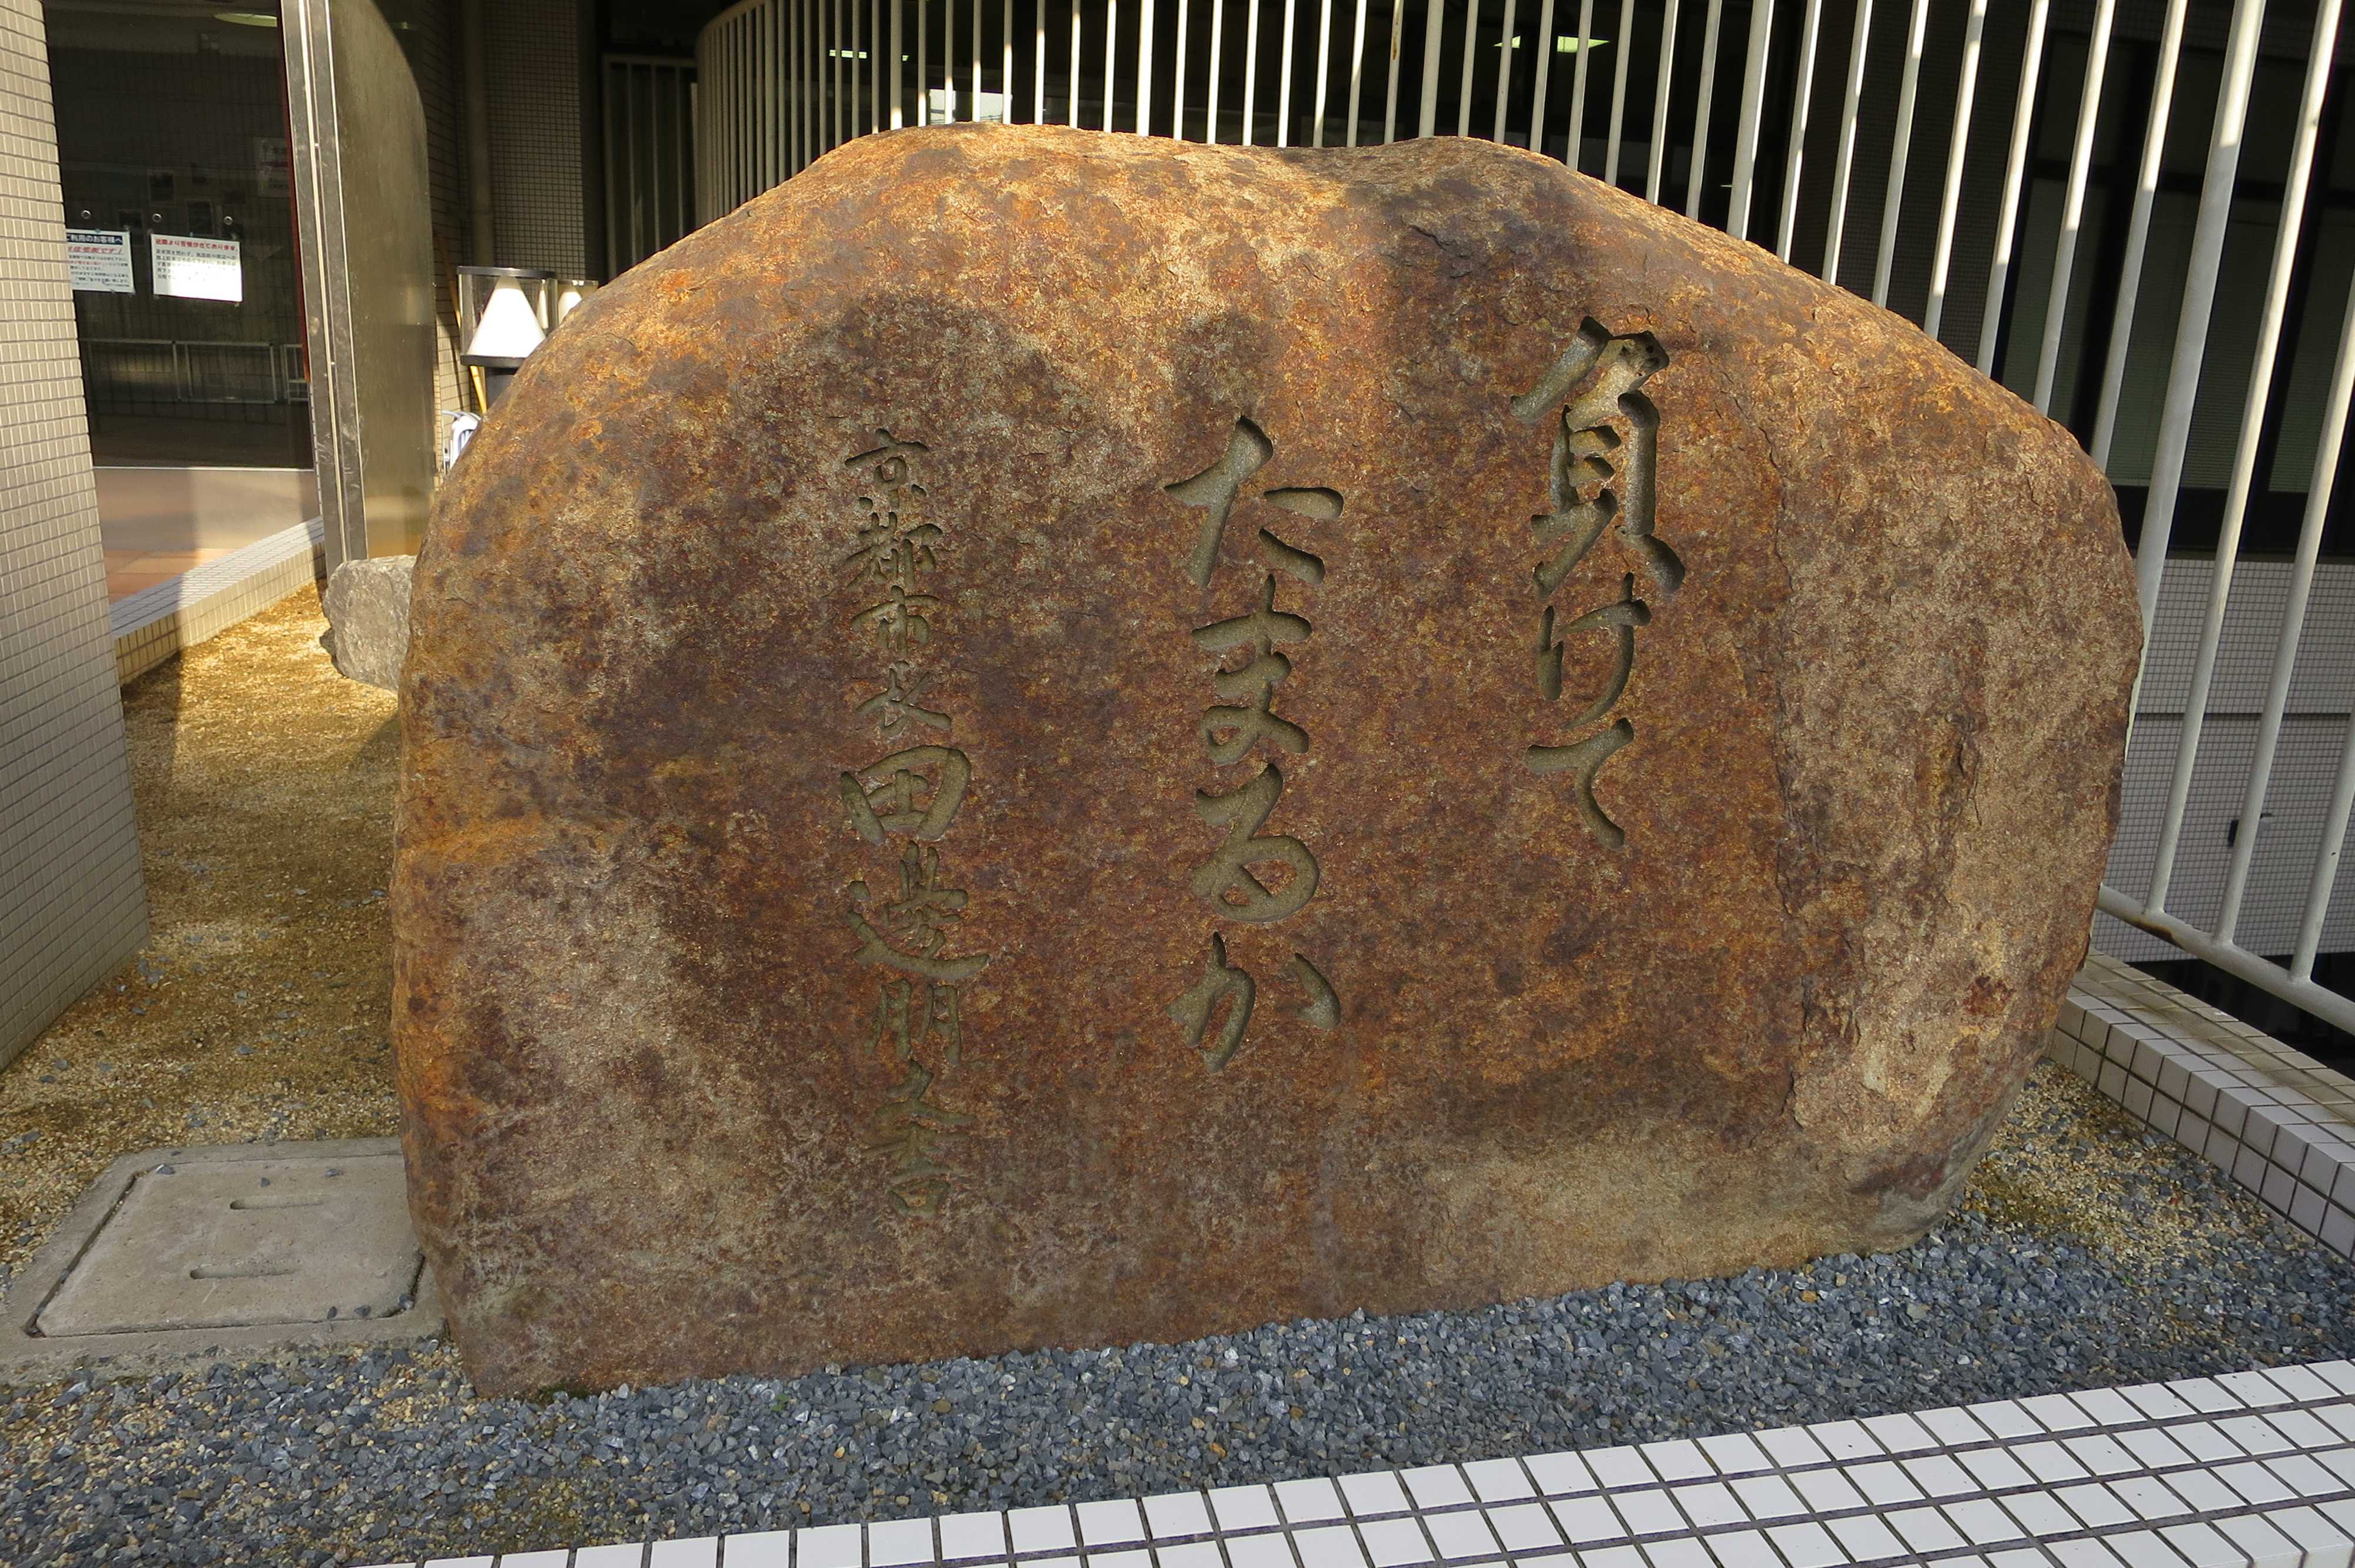 京都・崇仁地区 - 負けてたまるか 京都市長 田邊朋之の石碑(下京地域体育館)